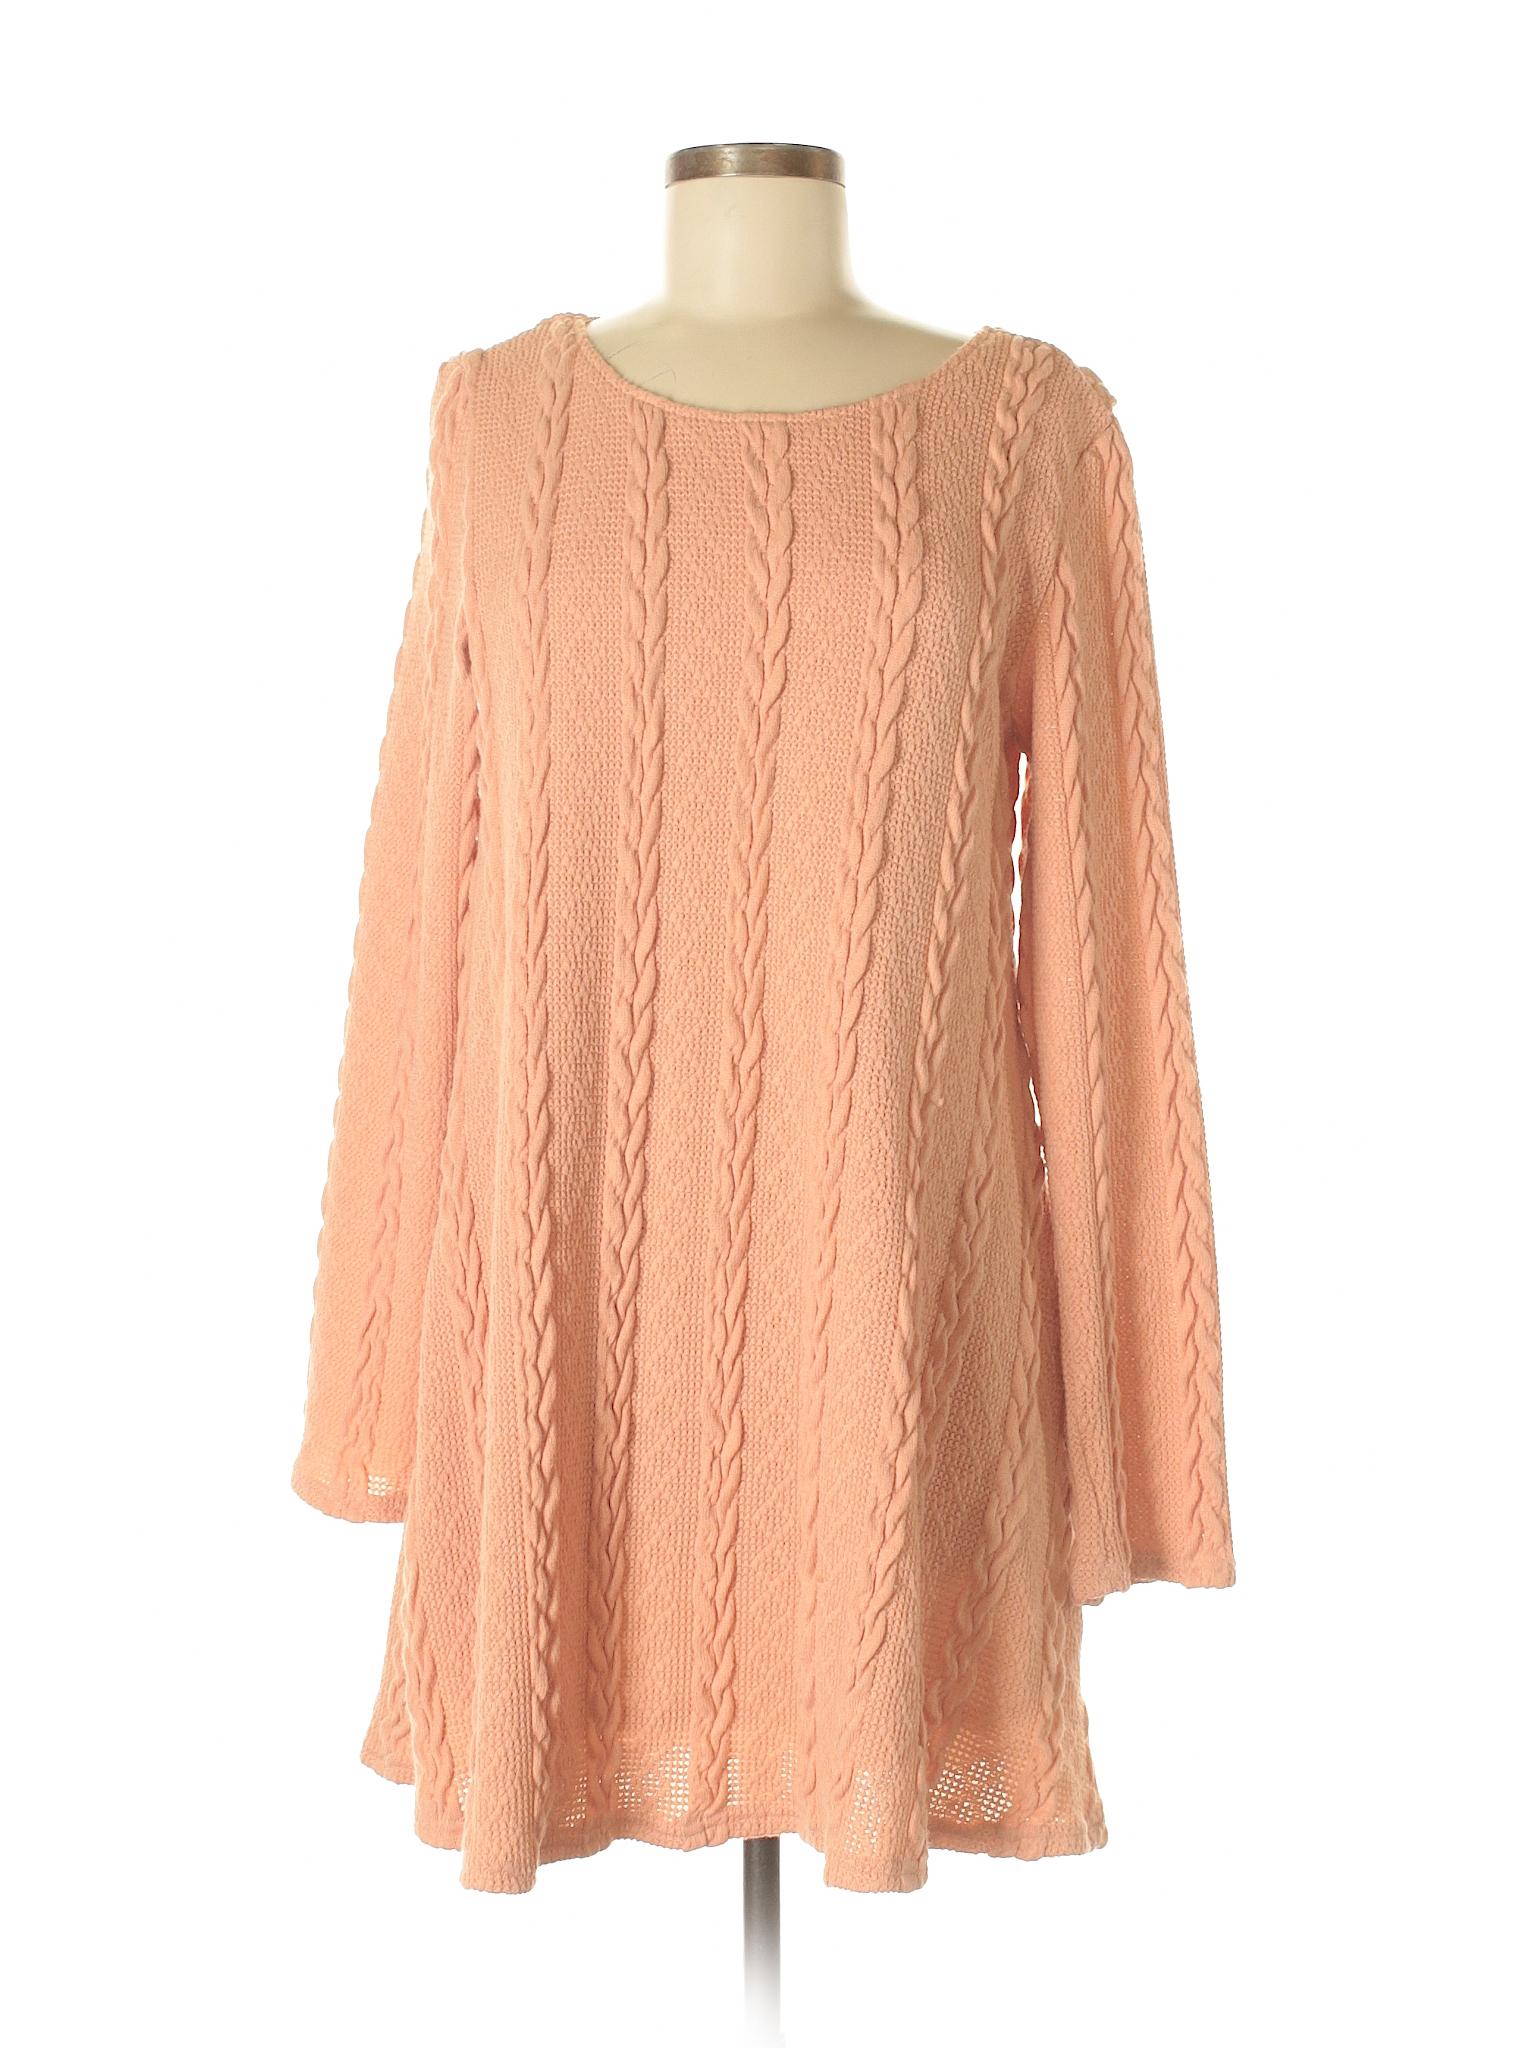 Boutique Boutique Boutique Dress winter Casual LoveRiche winter Dress LoveRiche Casual winter YRwqaYf